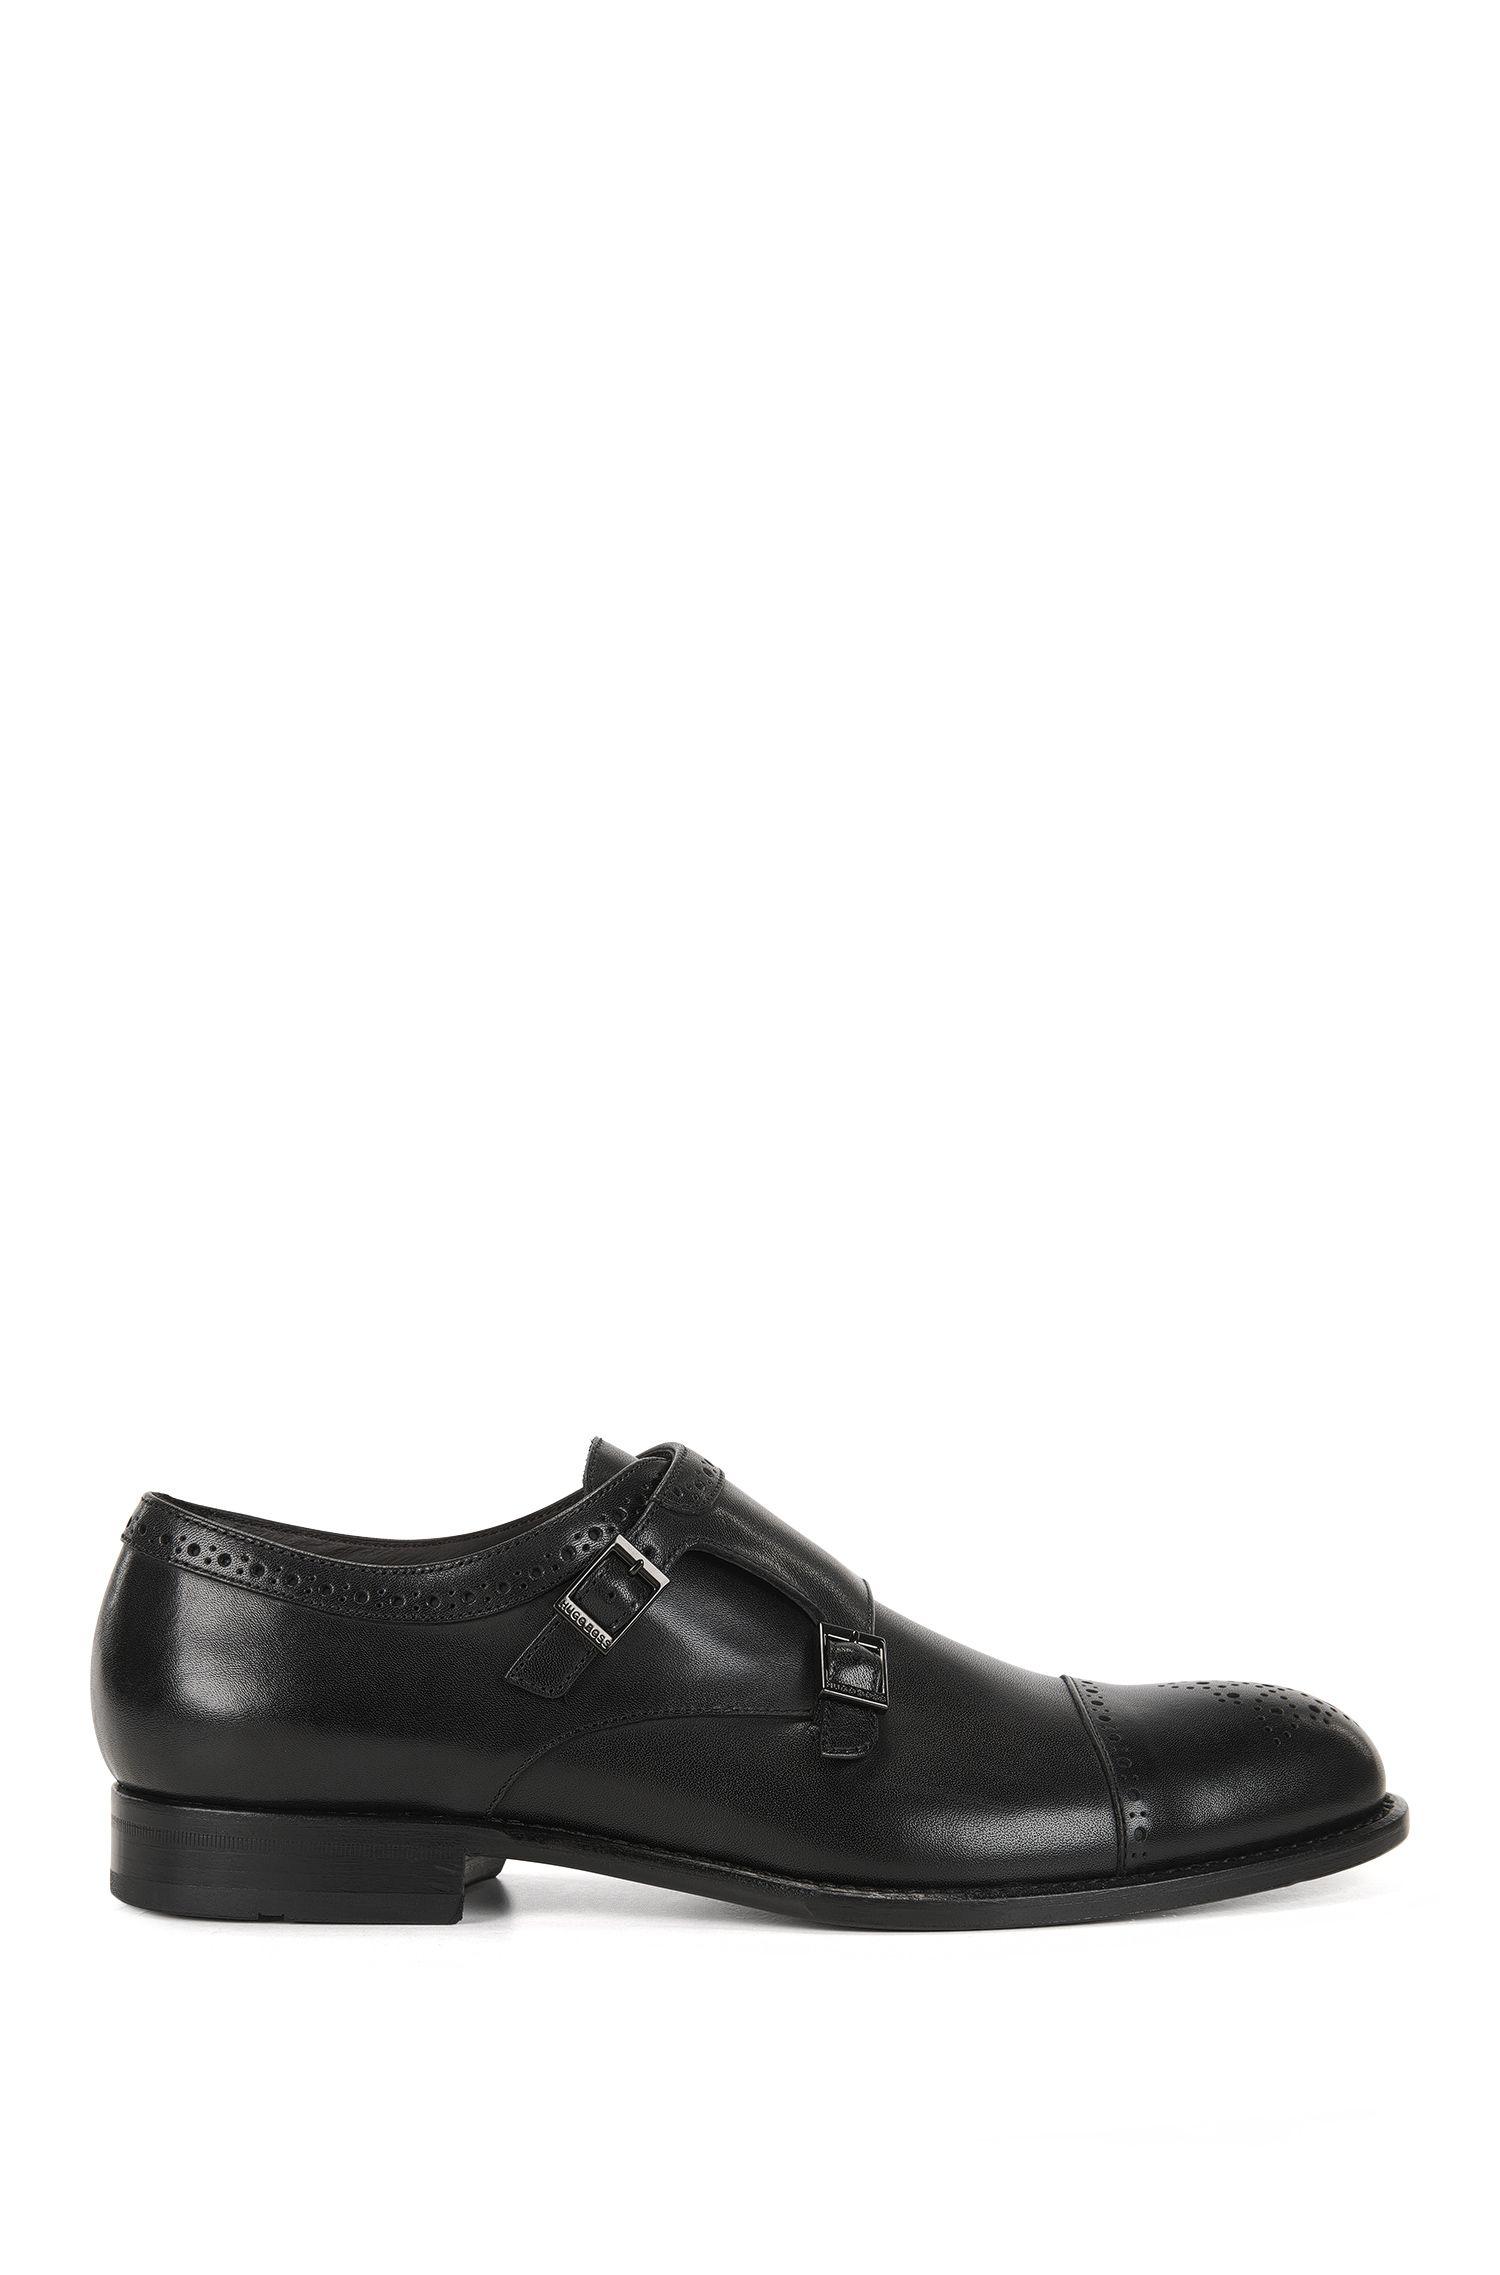 Chaussures en cuir à double boucle et ornements richelieu